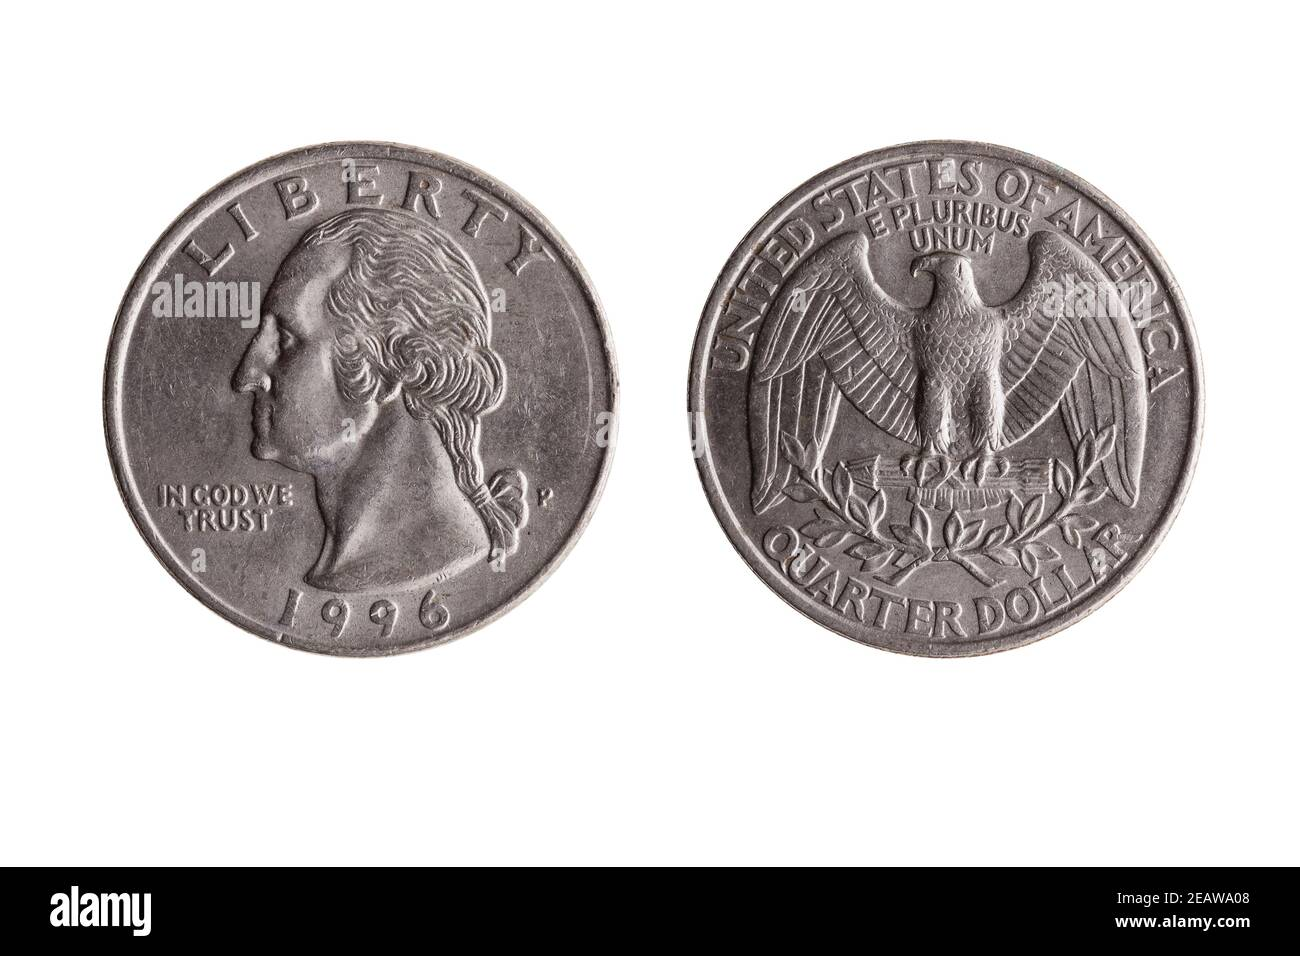 Pièce de nickel d'un quart de dollar américain (25 cents) Avec une image portrait de l'obverse de George Washington et de Bald Aigle inversé Banque D'Images